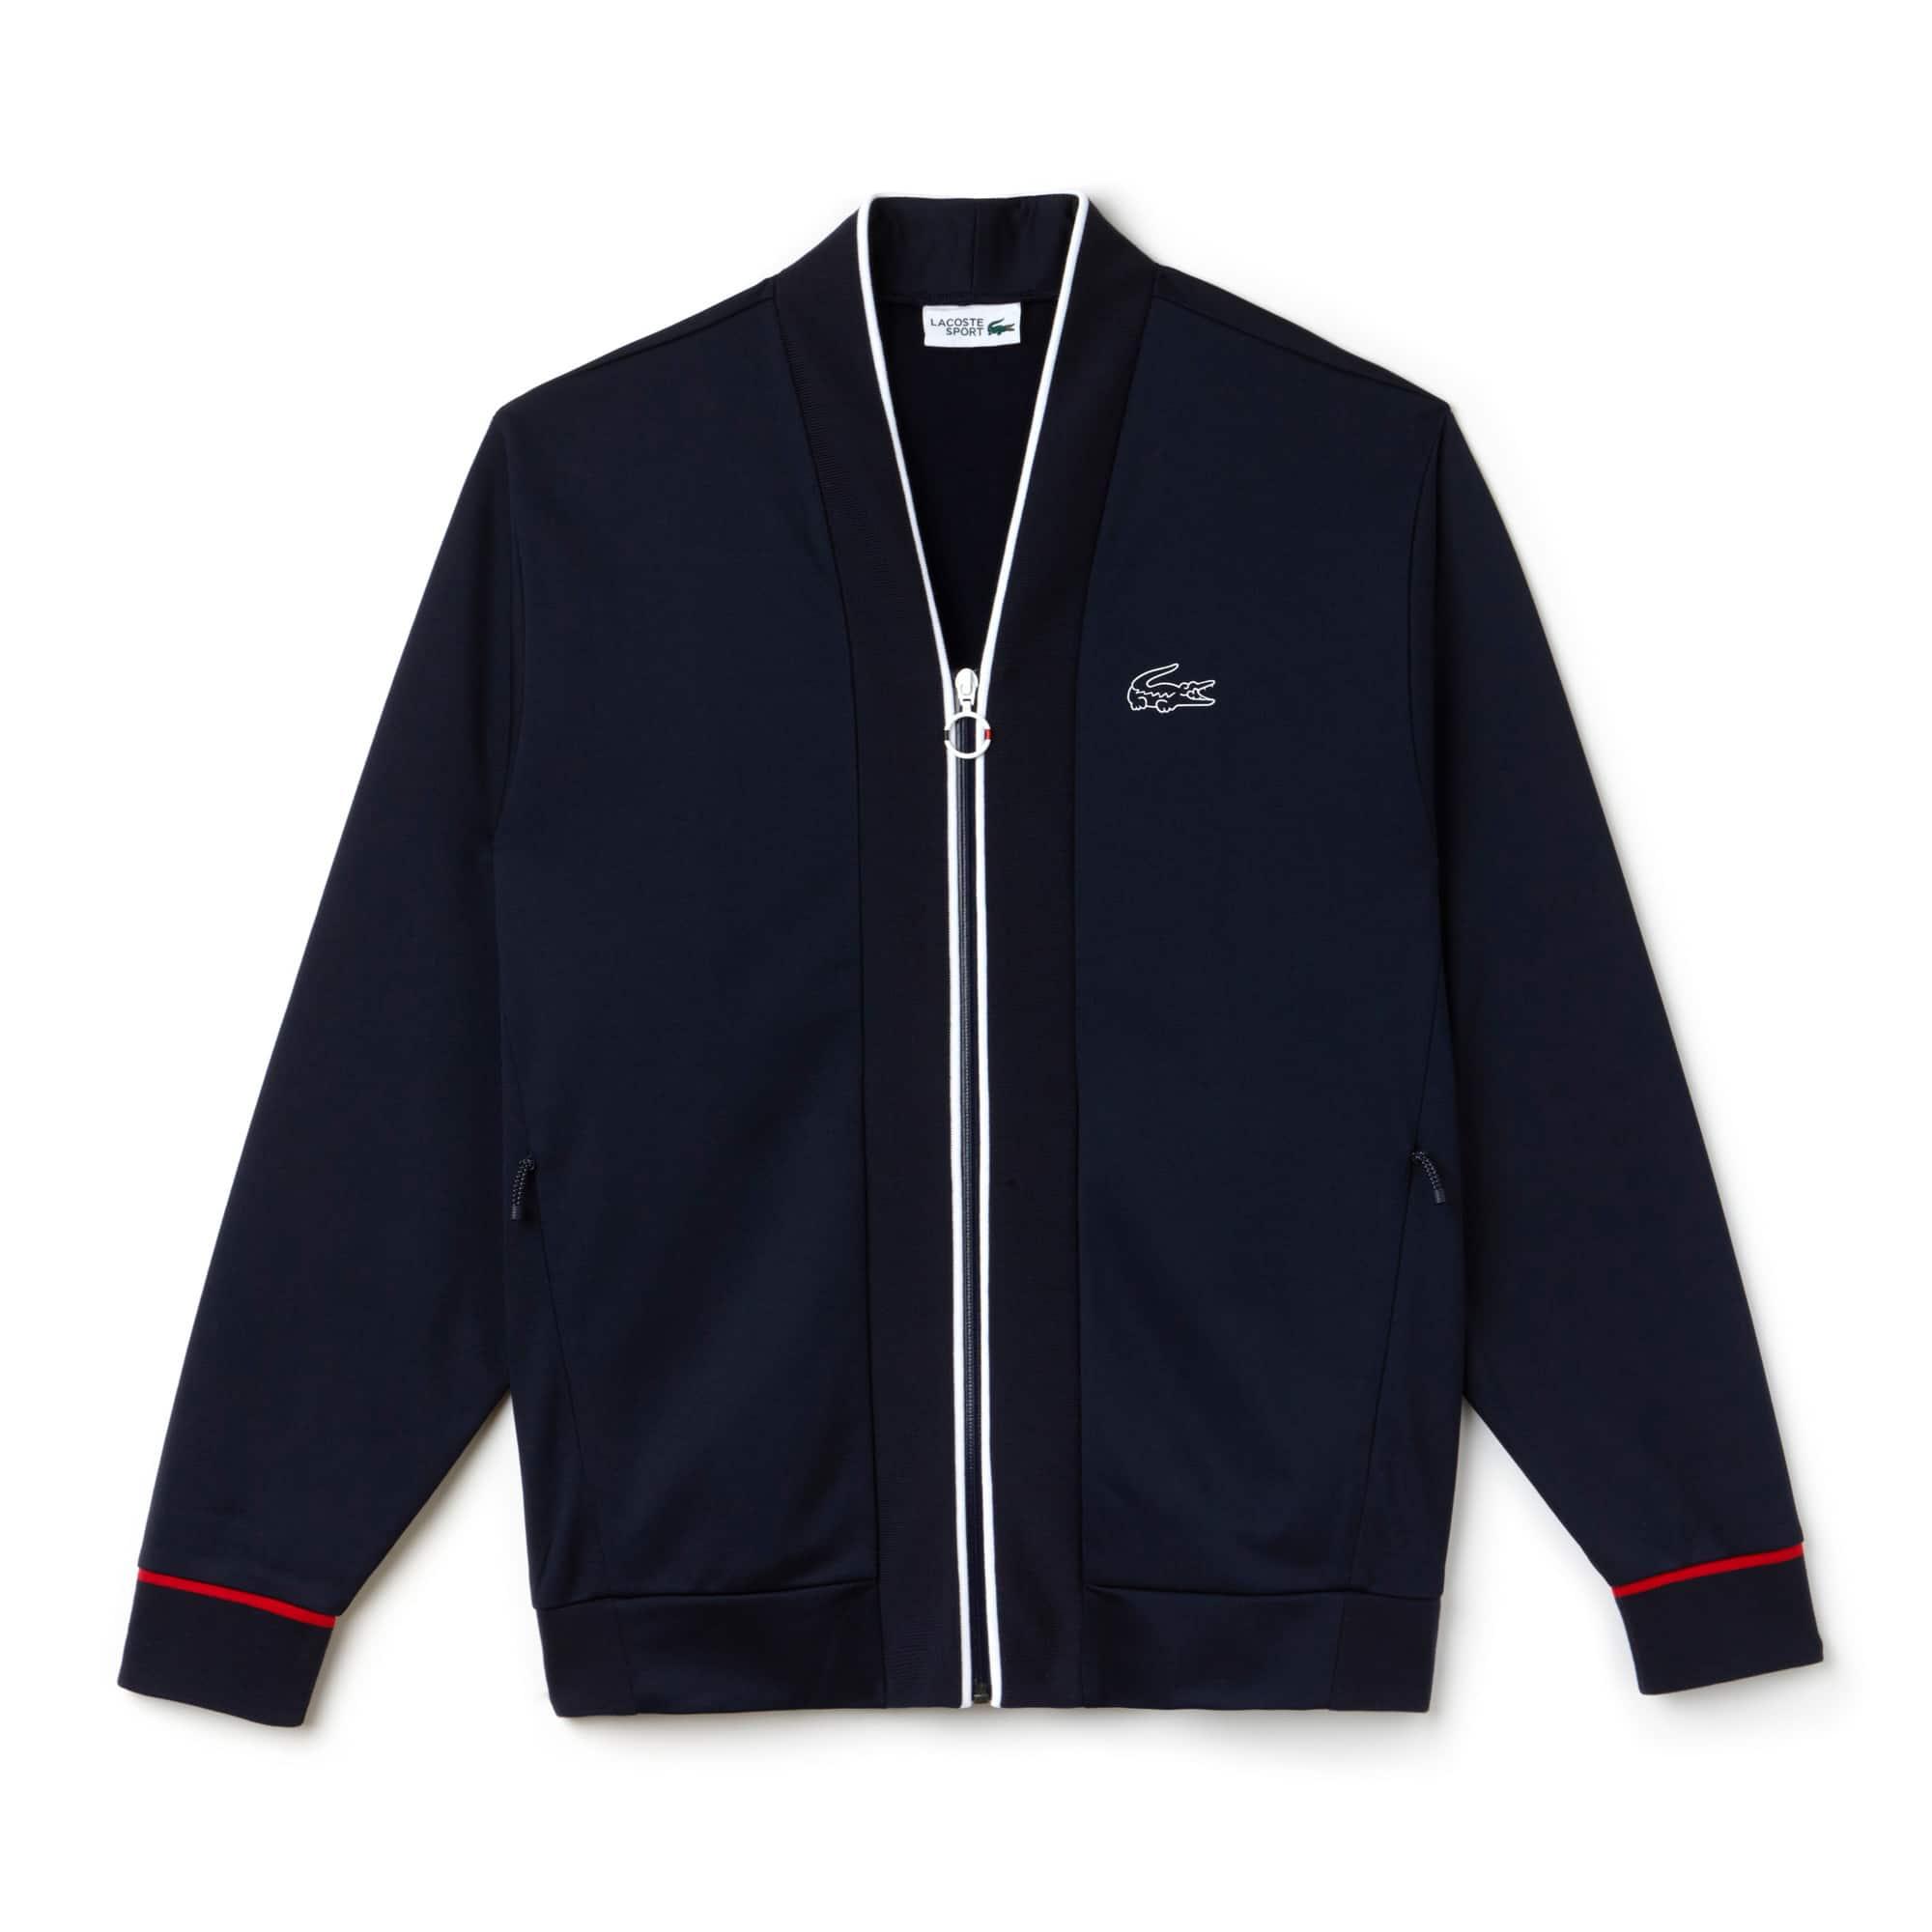 Men's Lacoste Tricolor Collection Tech Piqué Zip Sweatshirt